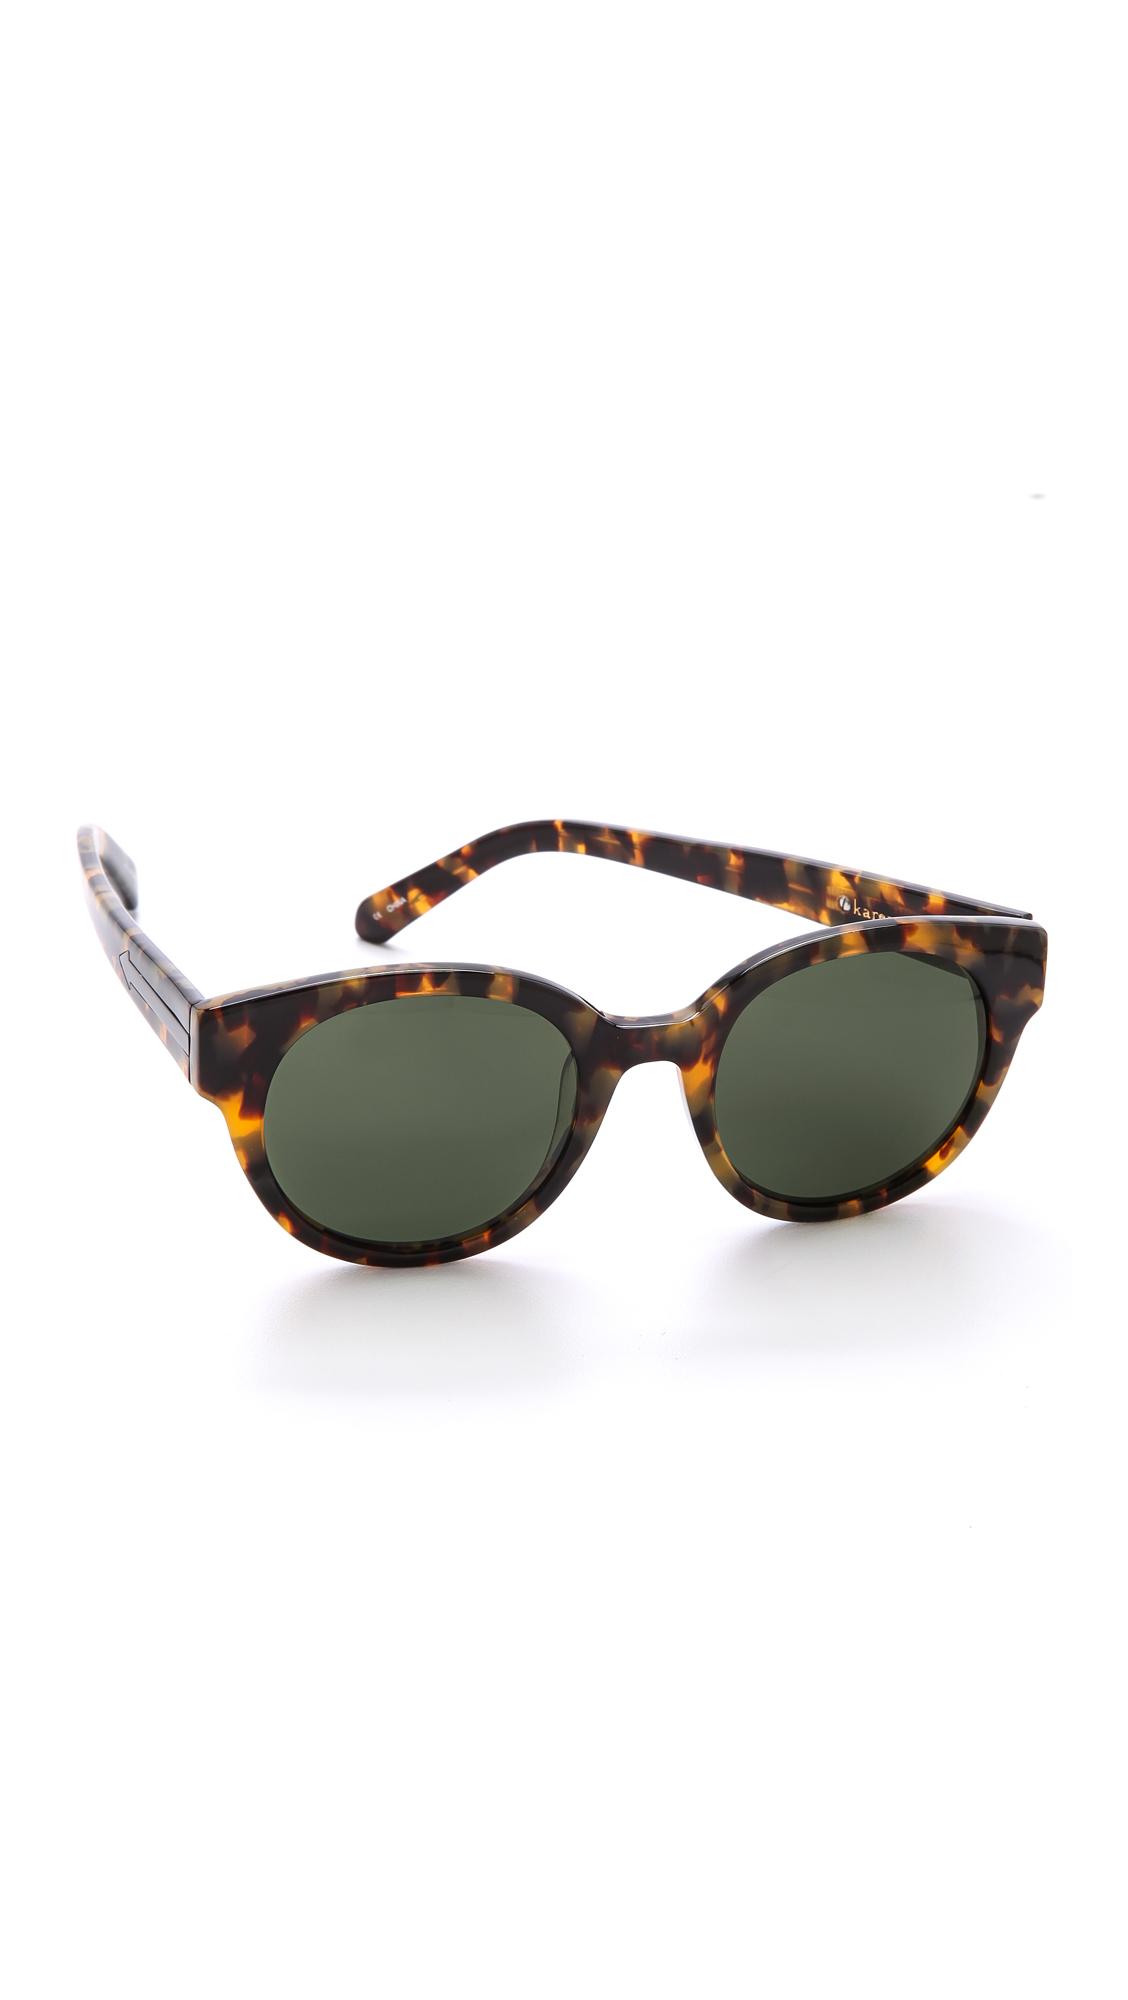 0b9ff25c1c5 Karen Walker Anywhere Sunglasses